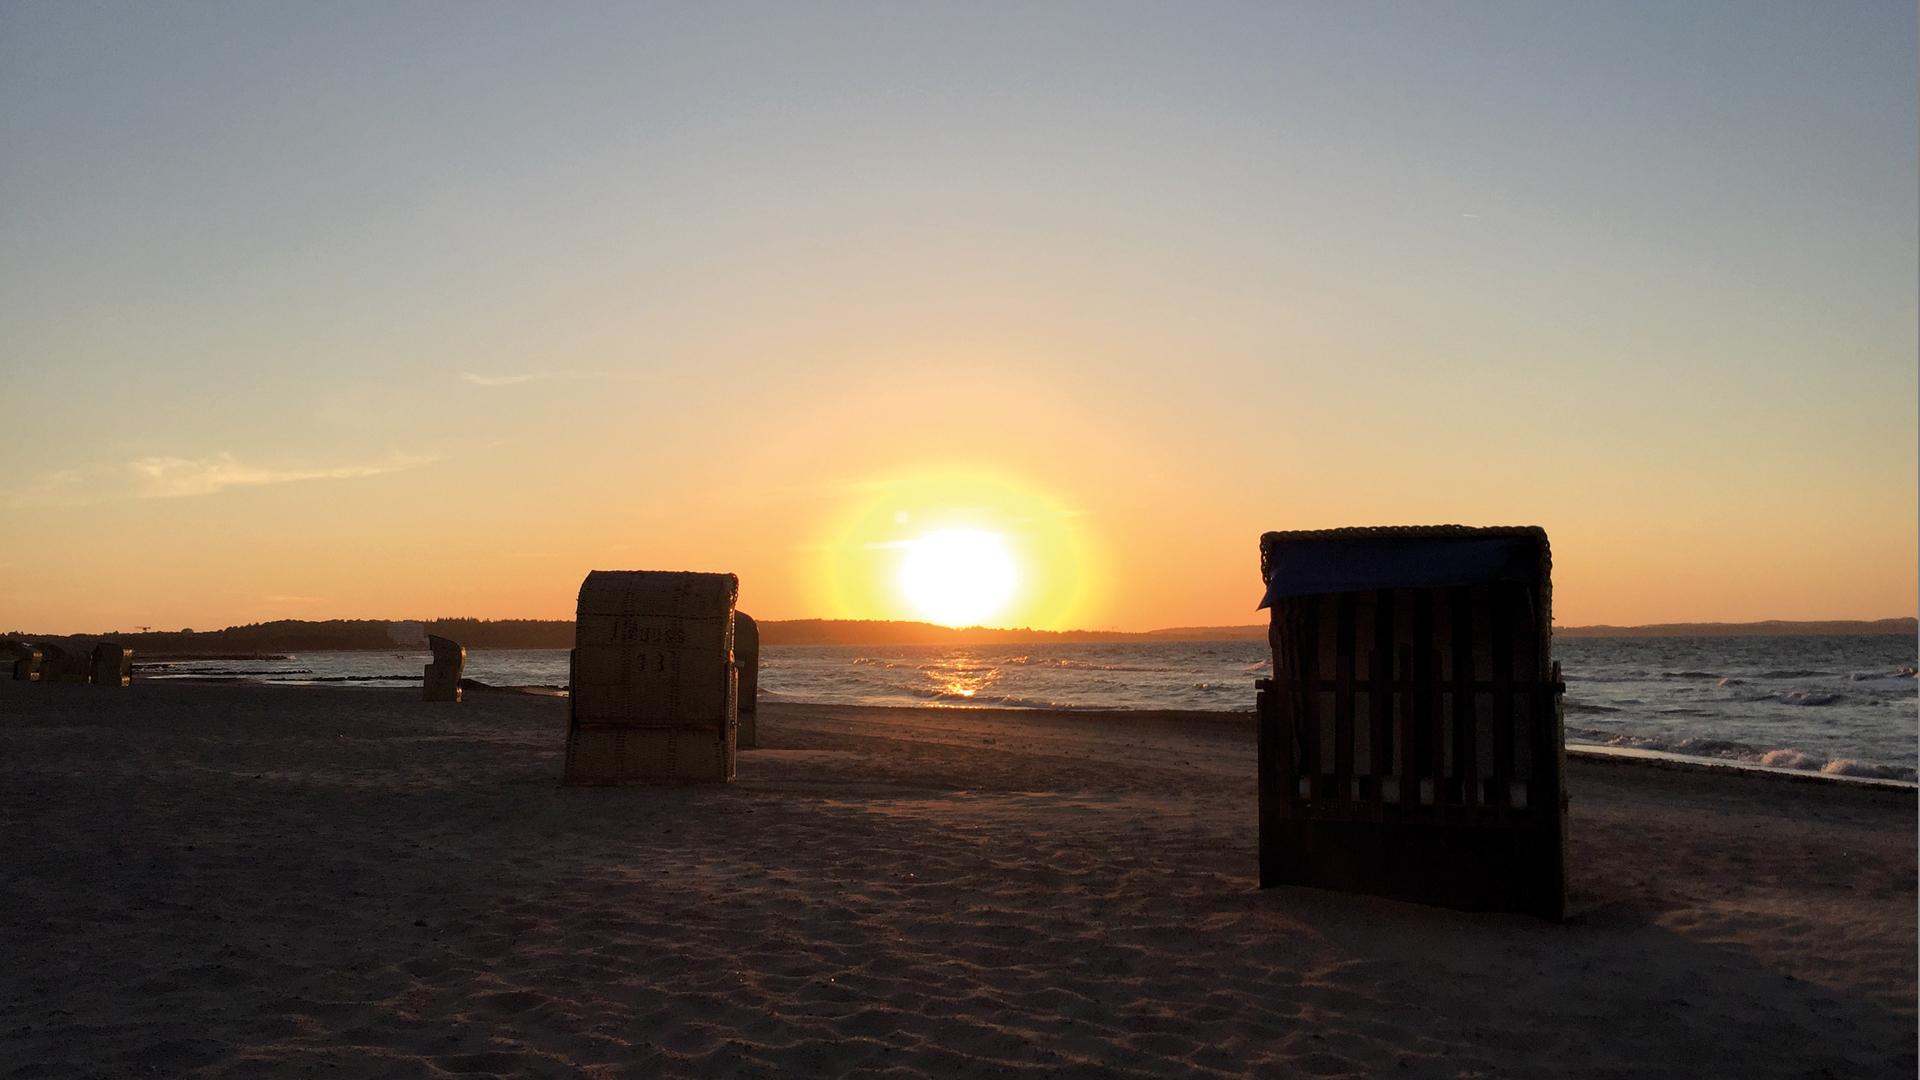 Sonnenuntergang am Strand von Niendorf